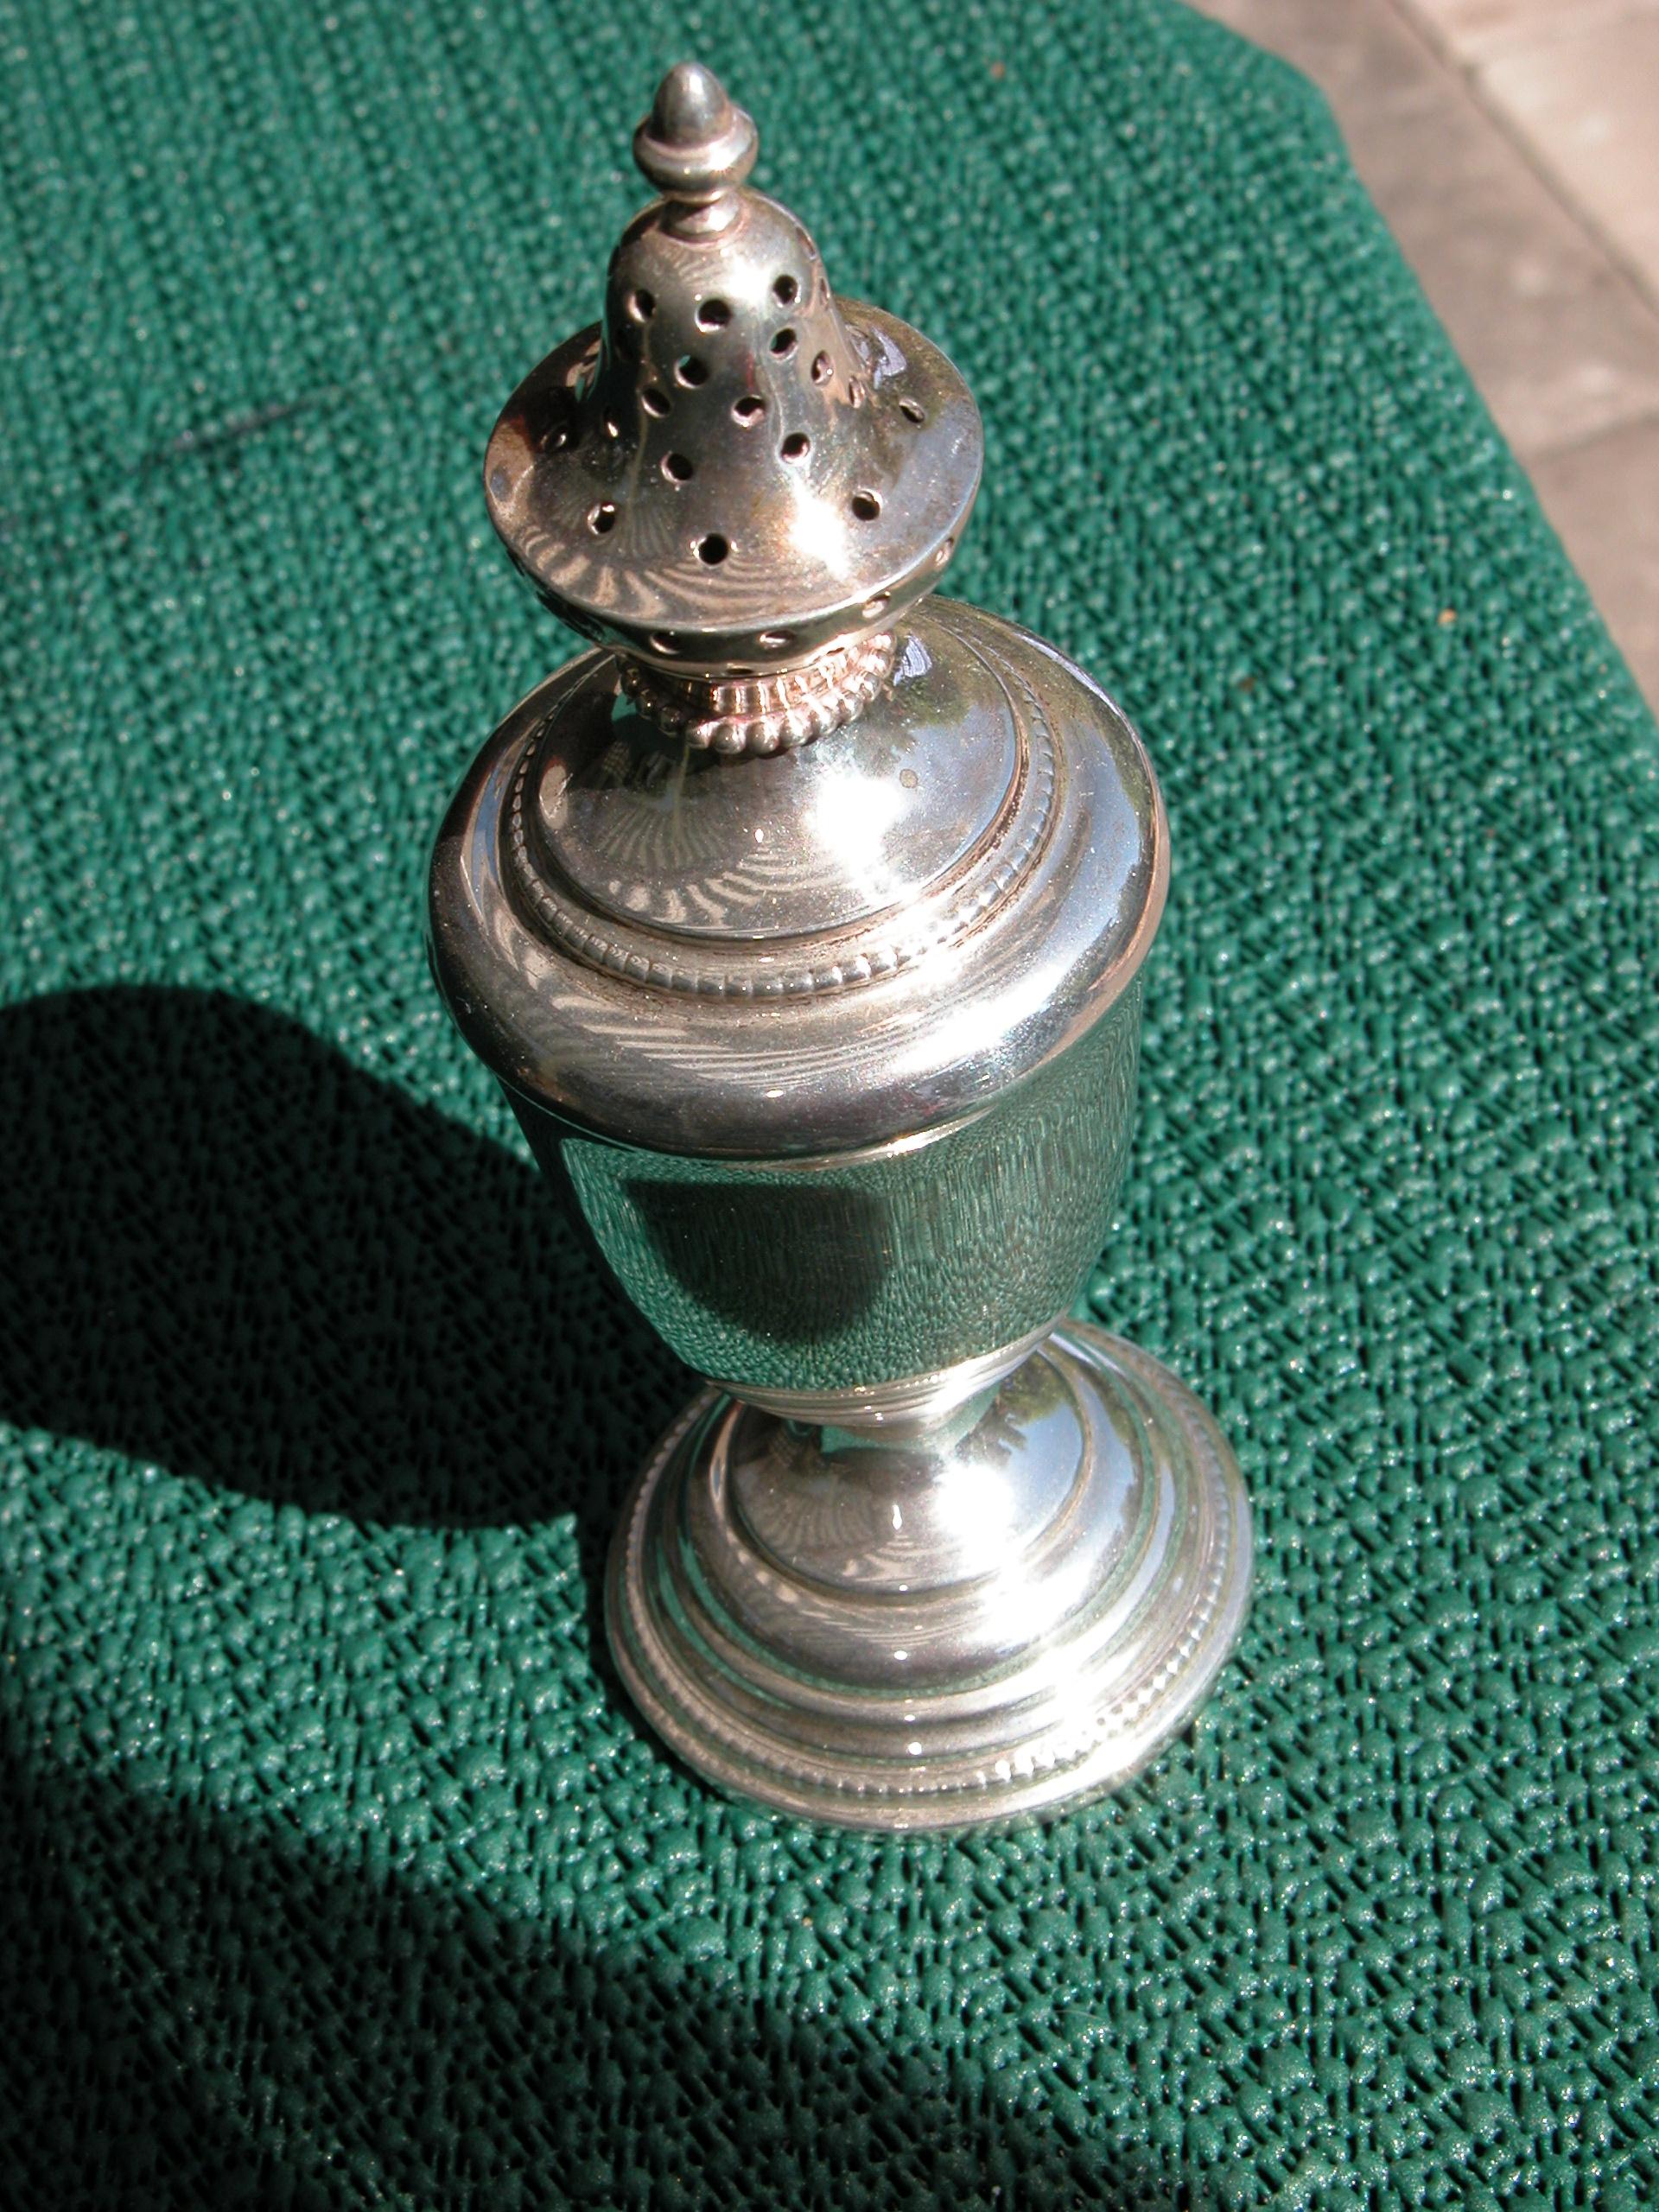 objects household tin silver metal chrome salt pepper saltsprinkler peppersprinkler